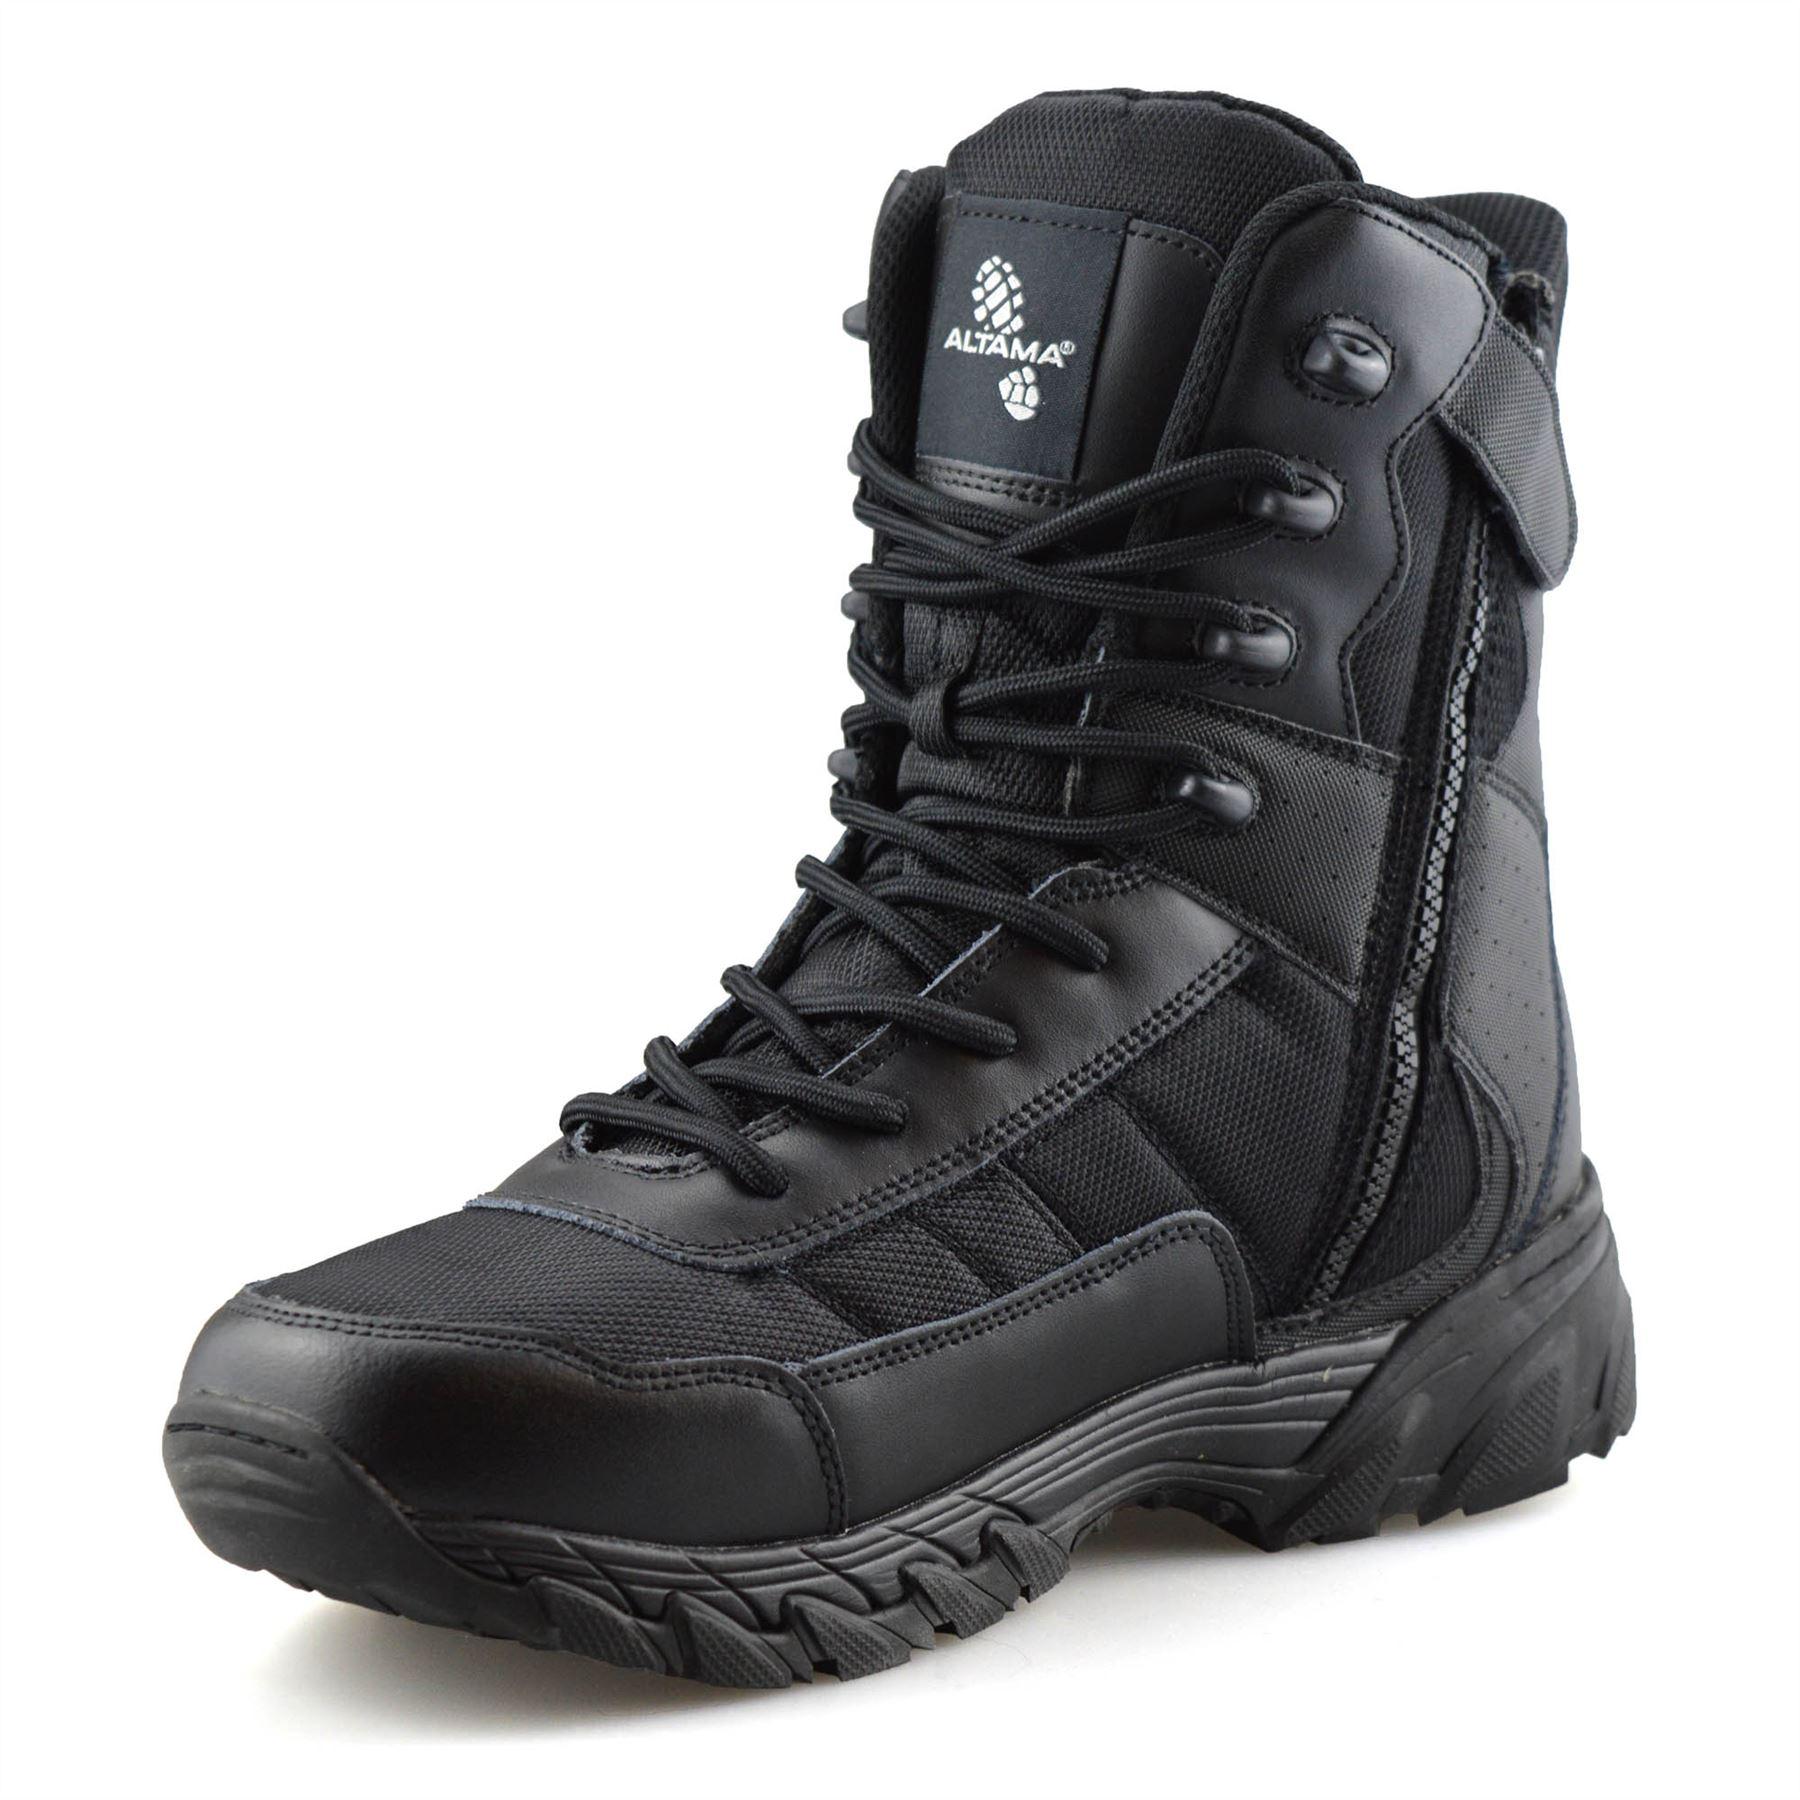 Homme-en-cuir-neuve-Militaire-Armee-Combat-Marche-Travail-Fermeture-Eclair-Cheville-Bottes miniature 12